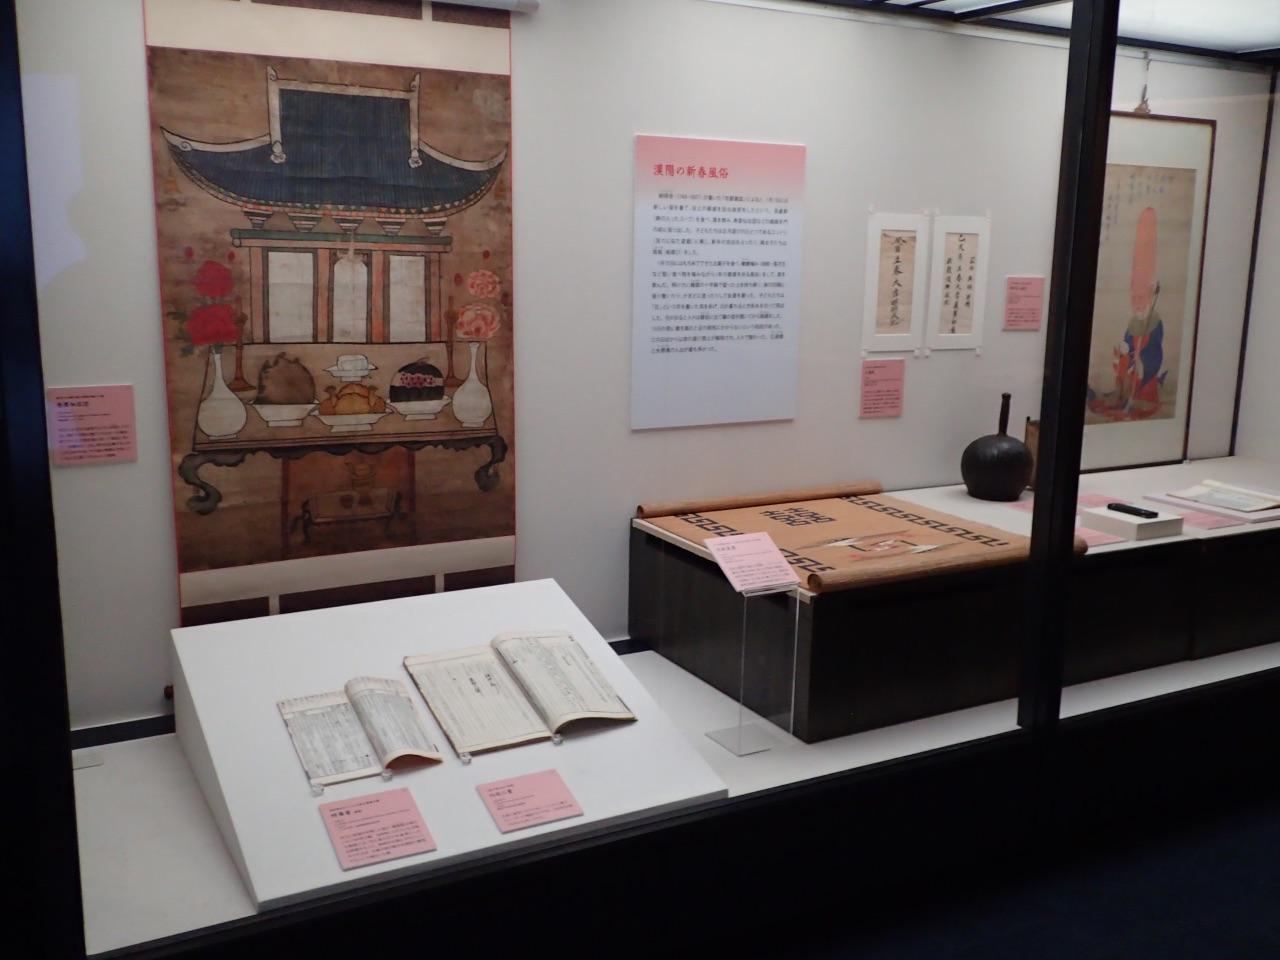 江戸東京博物館「18世紀ソウルの日常」展